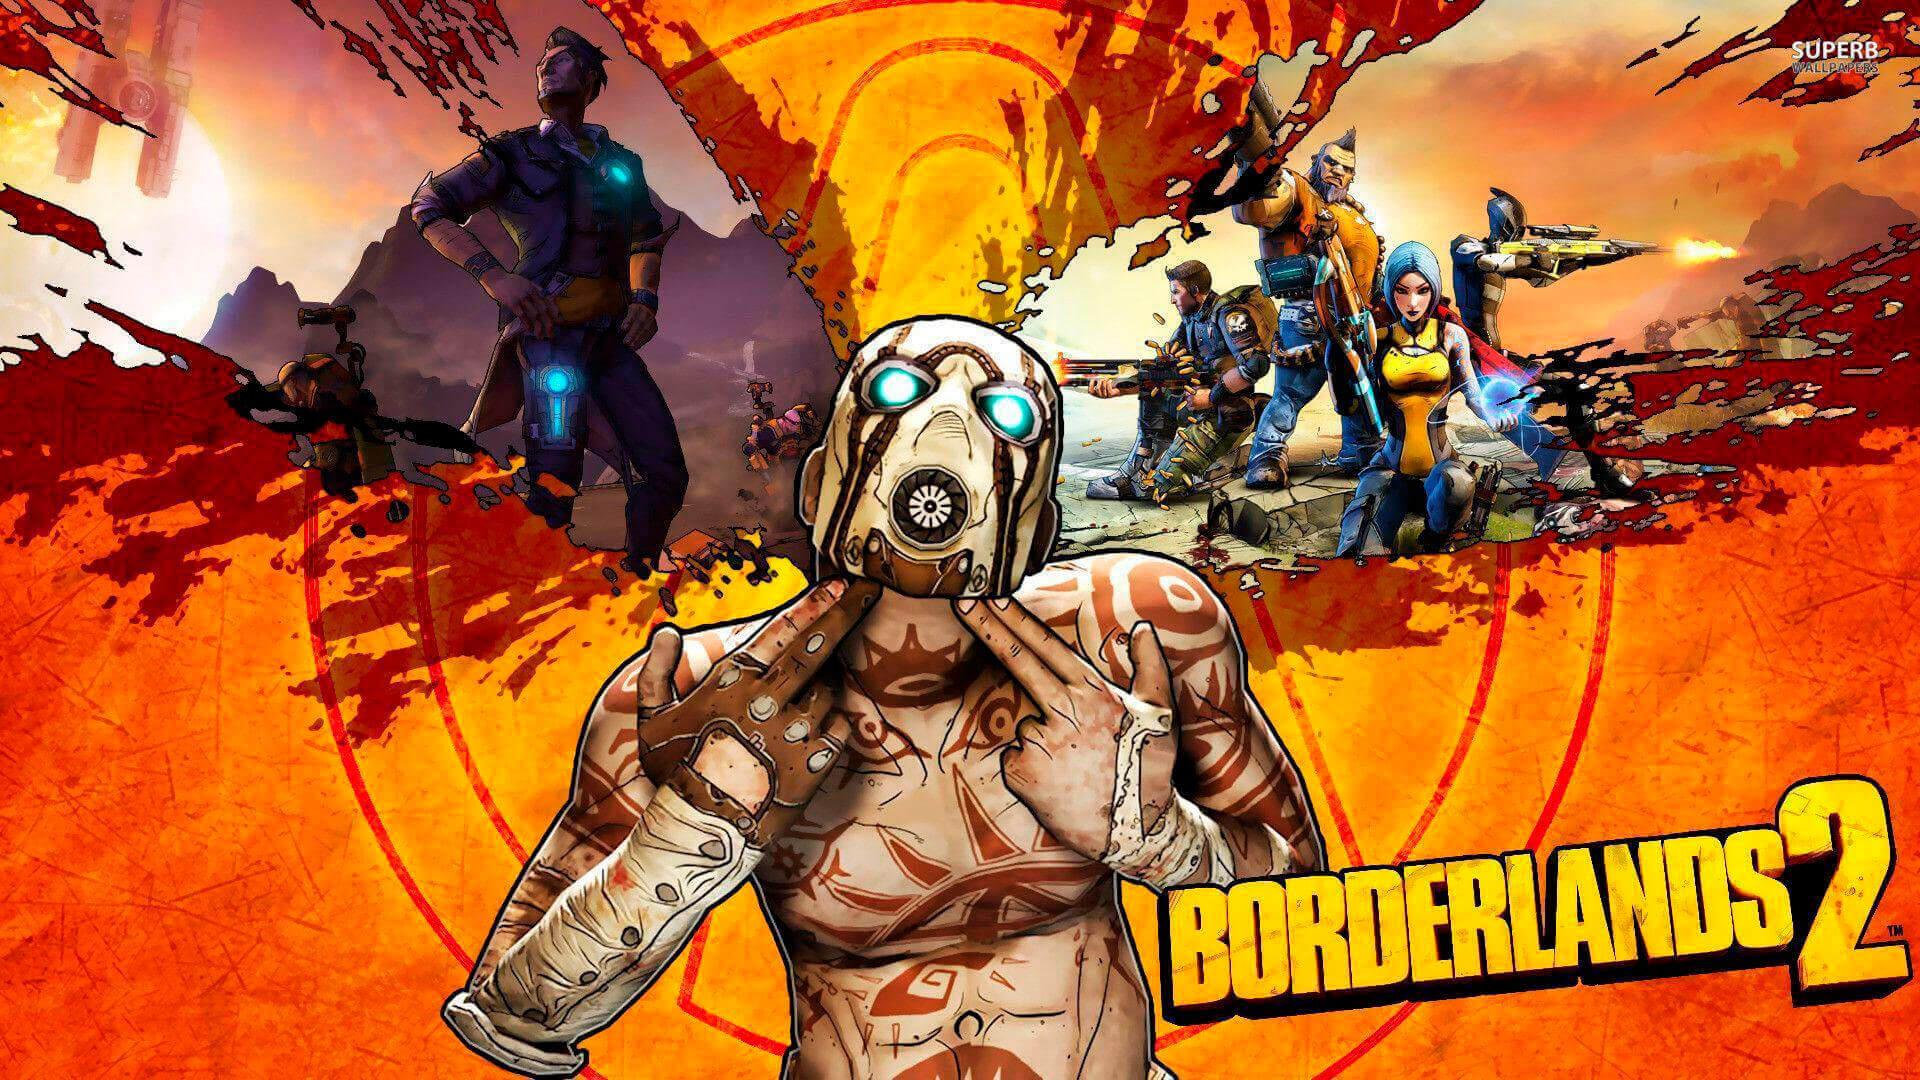 borderlands_2_bg